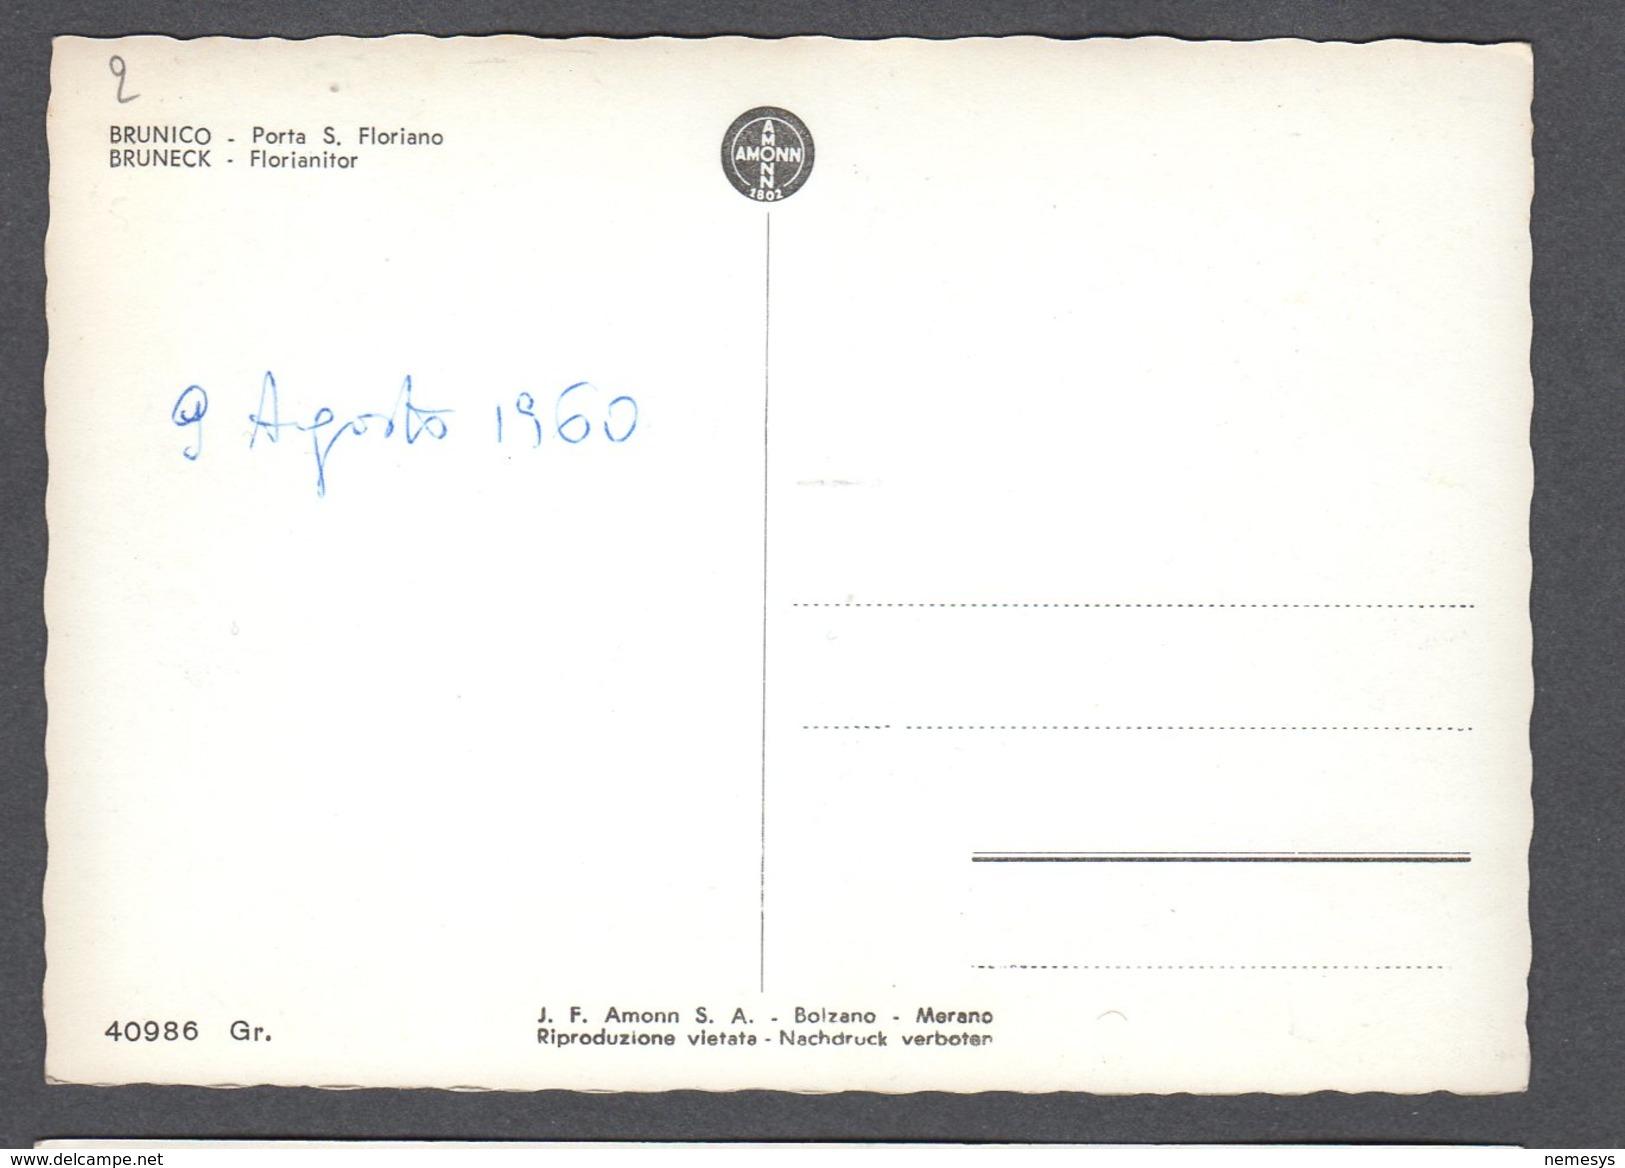 1960 BRUNICO BRUNECK PORTA SAN FLORIANO FG NV SEE 2 SCANS ANIMATA GIORNALAIO GELATI DROGERIE ZIEGLAUER - Altre Città